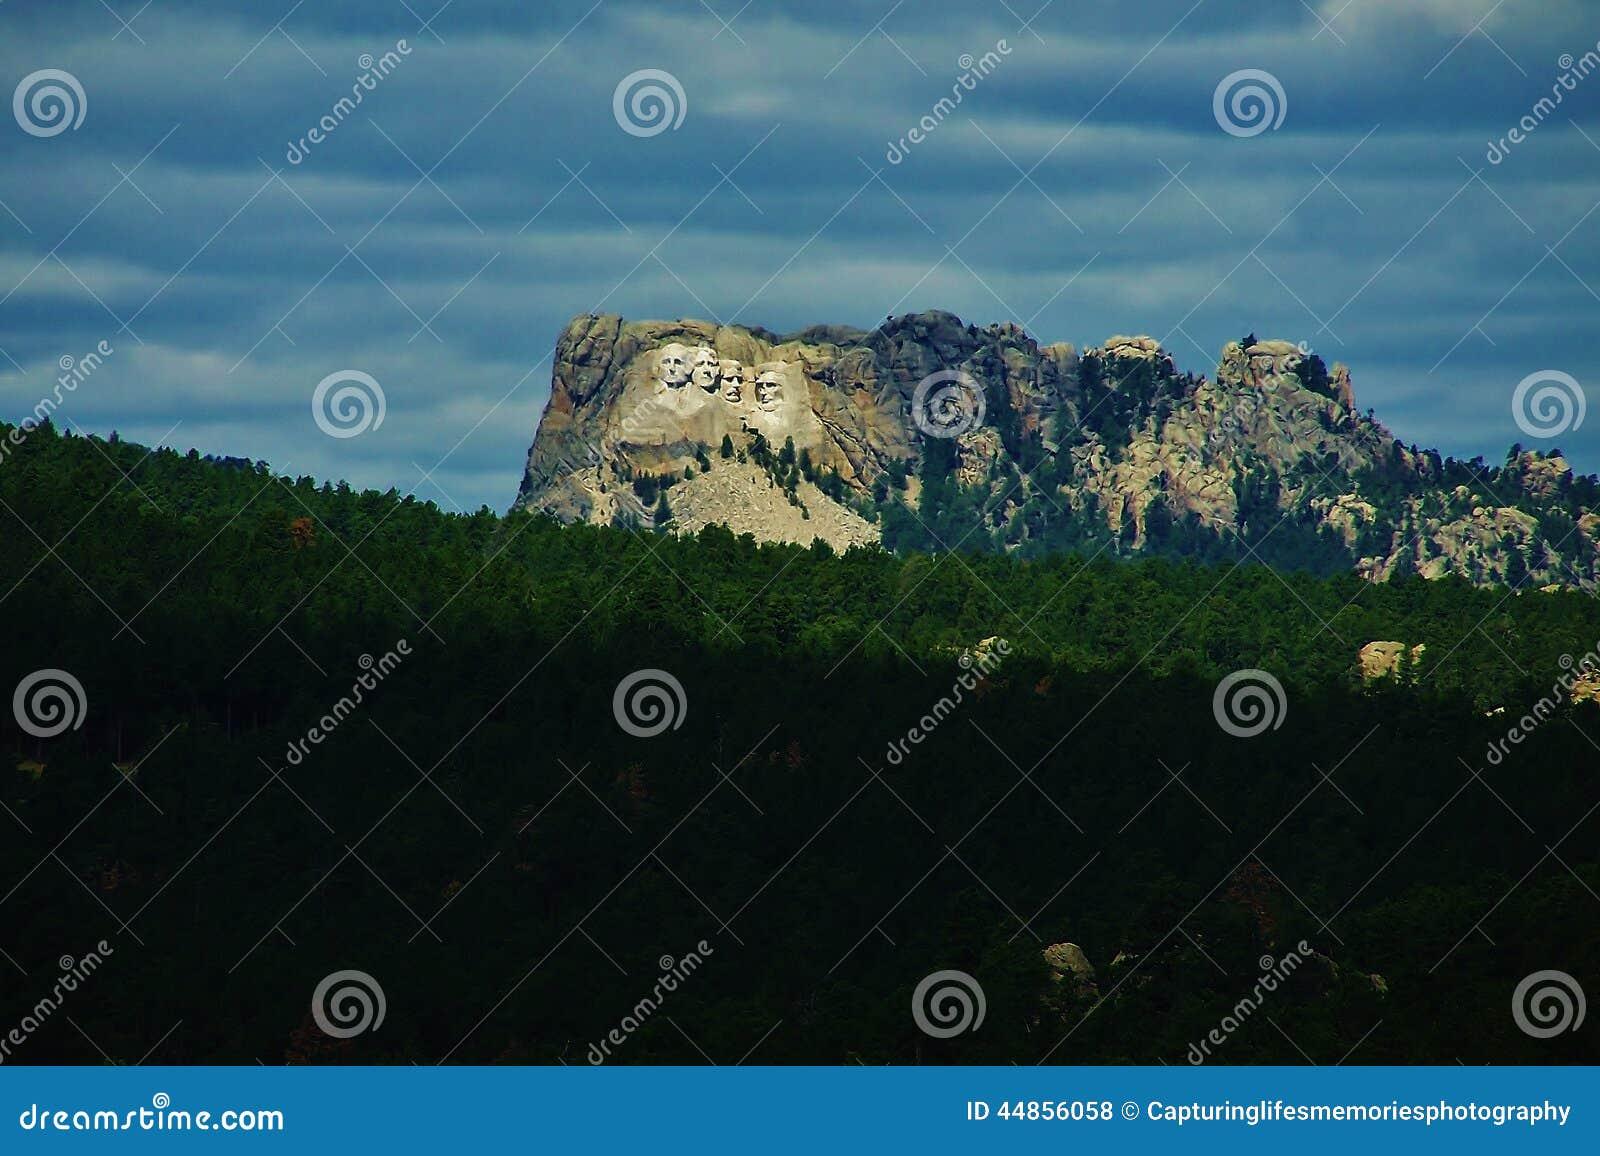 El monte Rushmore en la ladera